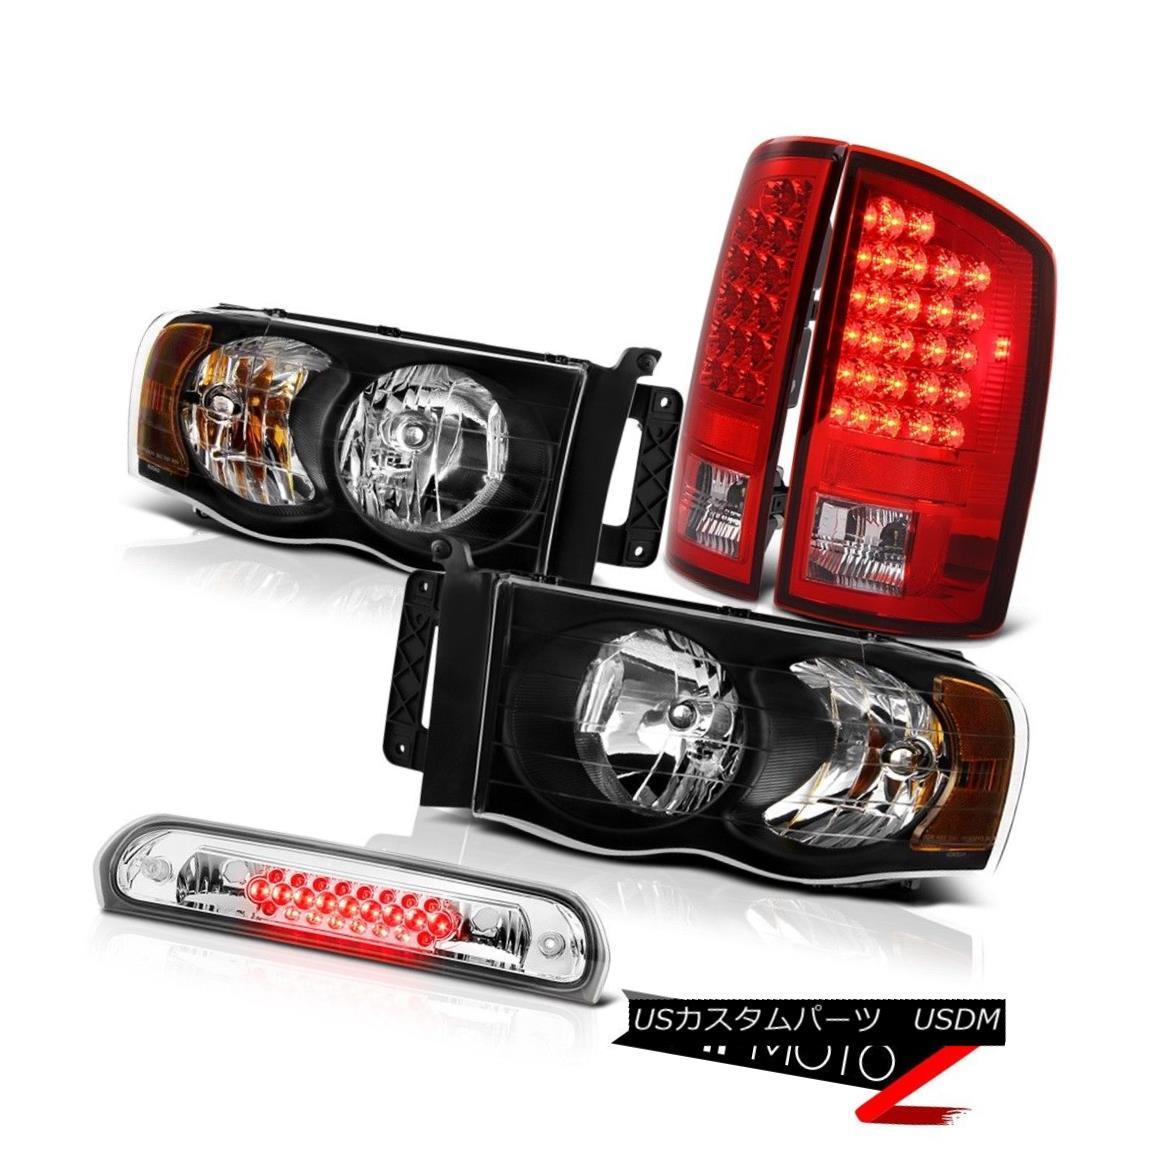 テールライト Black Headlights Red Brake LED Tail Lights 3rd Cargo 02 03 04 05 Ram TurboDiesel ブラックヘッドライトレッドブレーキLEDテールライト3rd Cargo 02 03 04 05 Ram TurboDiesel